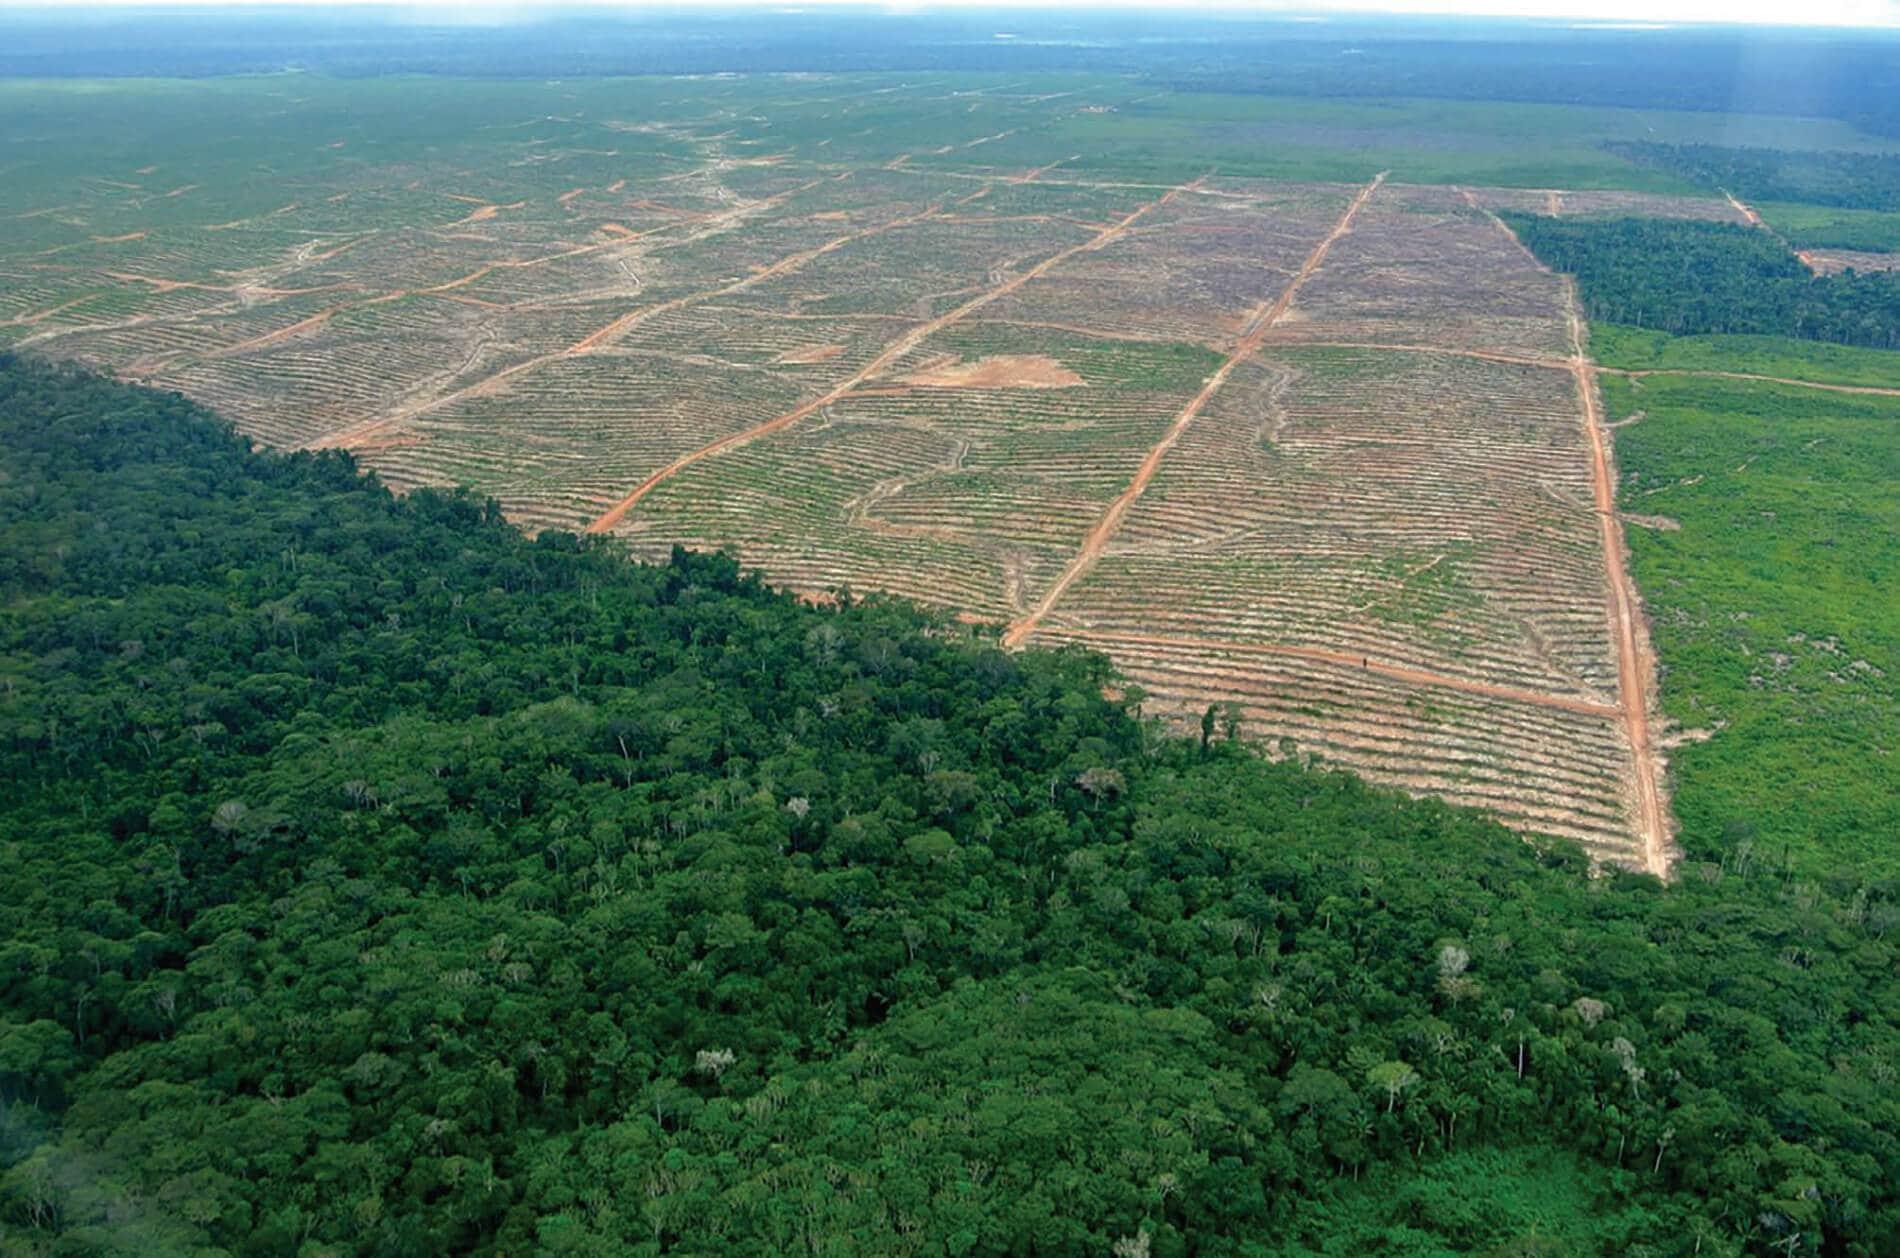 amazon rainforest deforestation - HD1900×1258